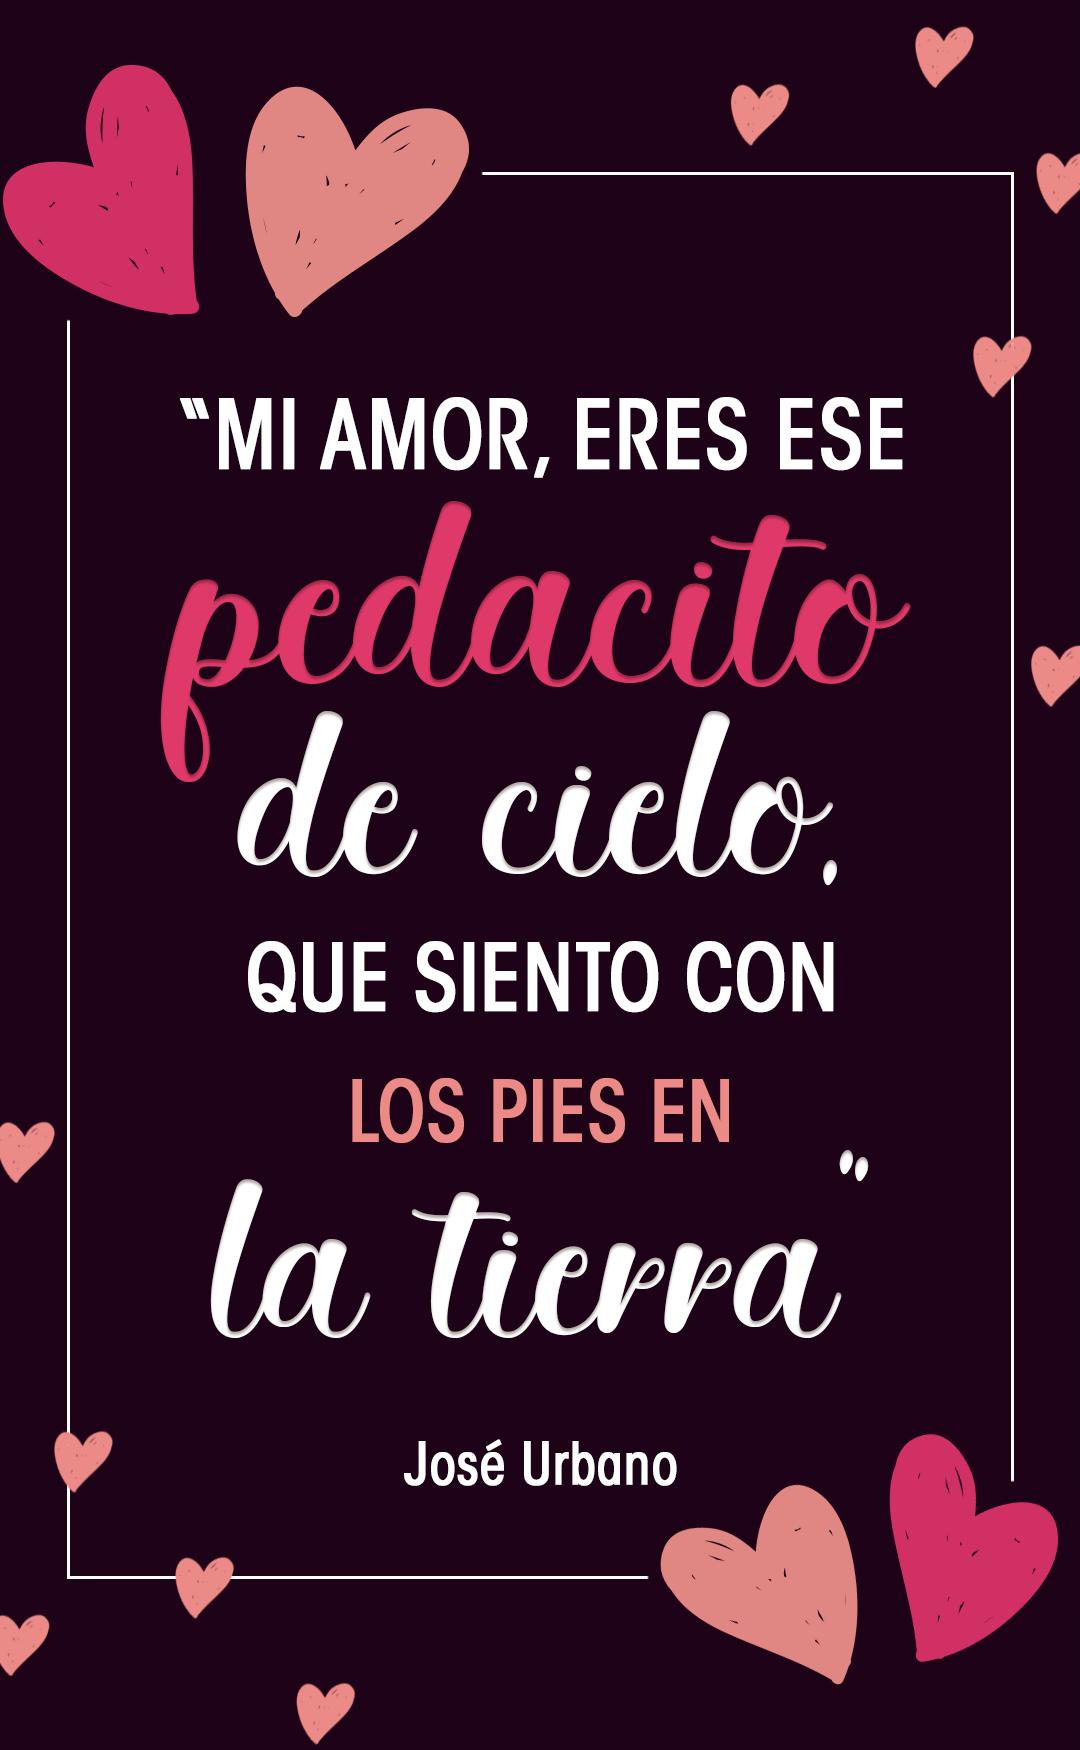 27 Frases De Amor Que Puedes Dedicar En Whatsapp Frases Bonitas Palabras Para Mi Novio Frases Sentimentales